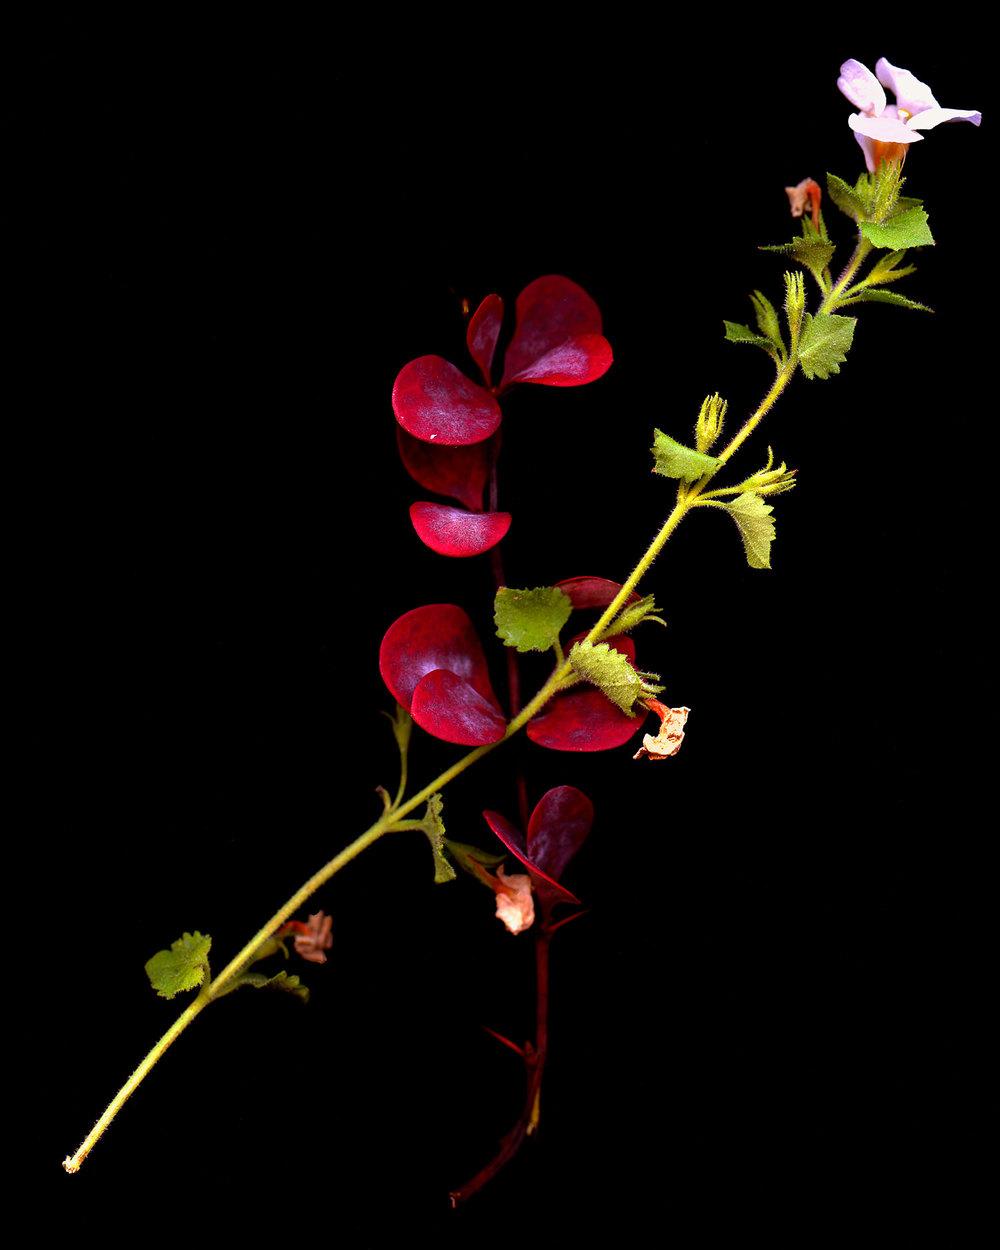 flowers004.jpg